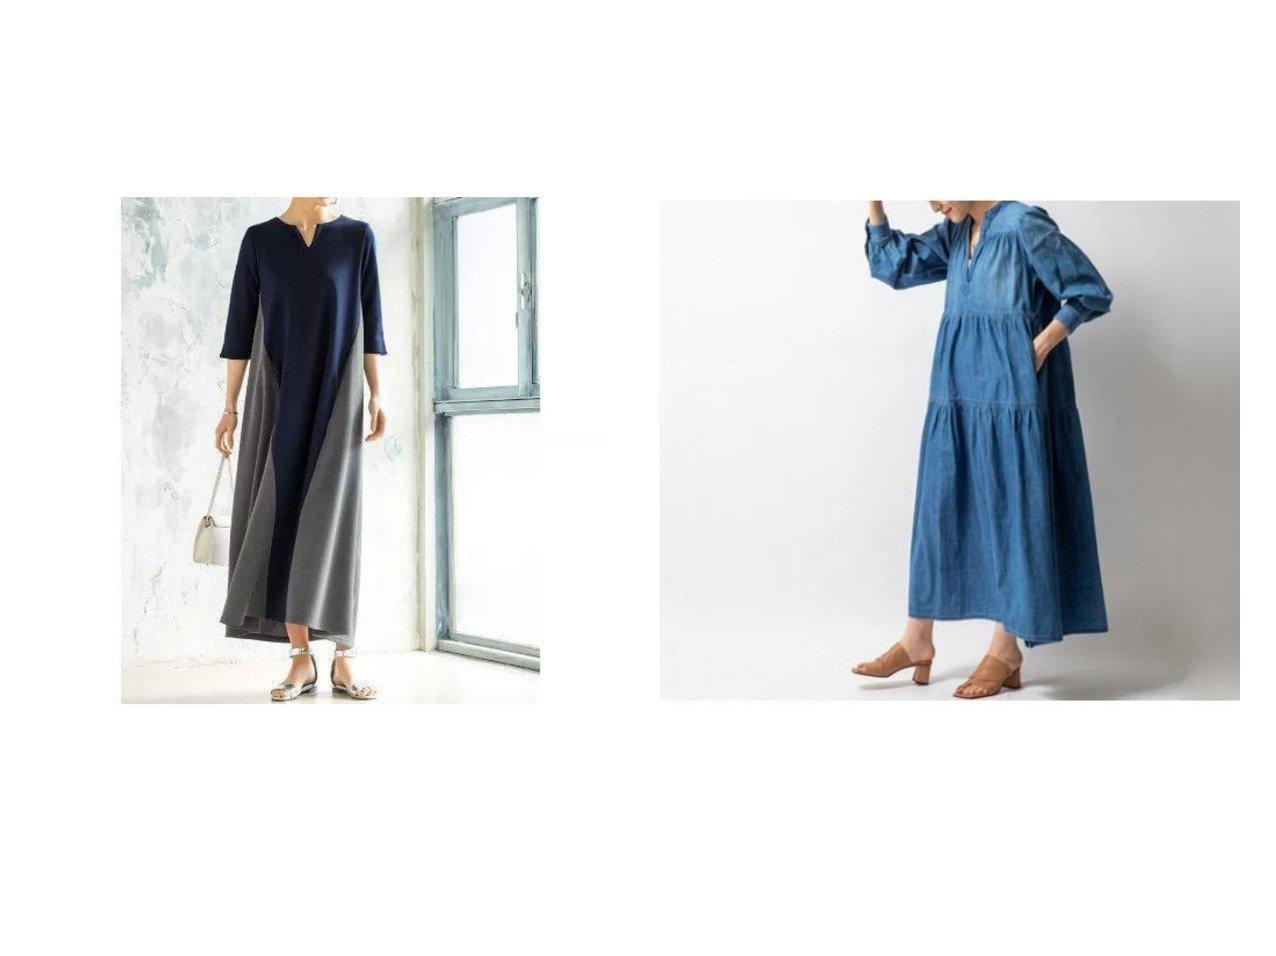 【NOLLEY'S/ノーリーズ】の【ヘルシー】Lychee デニムワンピース&【STYLE DELI/スタイルデリ】の配色切り替えAラインワンピース ワンピース・ドレスのおすすめ!人気、トレンド・レディースファッションの通販  おすすめで人気の流行・トレンド、ファッションの通販商品 メンズファッション・キッズファッション・インテリア・家具・レディースファッション・服の通販 founy(ファニー) https://founy.com/ ファッション Fashion レディースファッション WOMEN ワンピース Dress Aラインワンピース A-line Dress シャツワンピース Shirt Dresses 春 Spring くるぶし カットソー サンダル シューズ ショート スリット フラット ポケット ミックス ロング おすすめ Recommend シンプル ティアード デニム トレンド リゾート 長袖 |ID:crp329100000022765